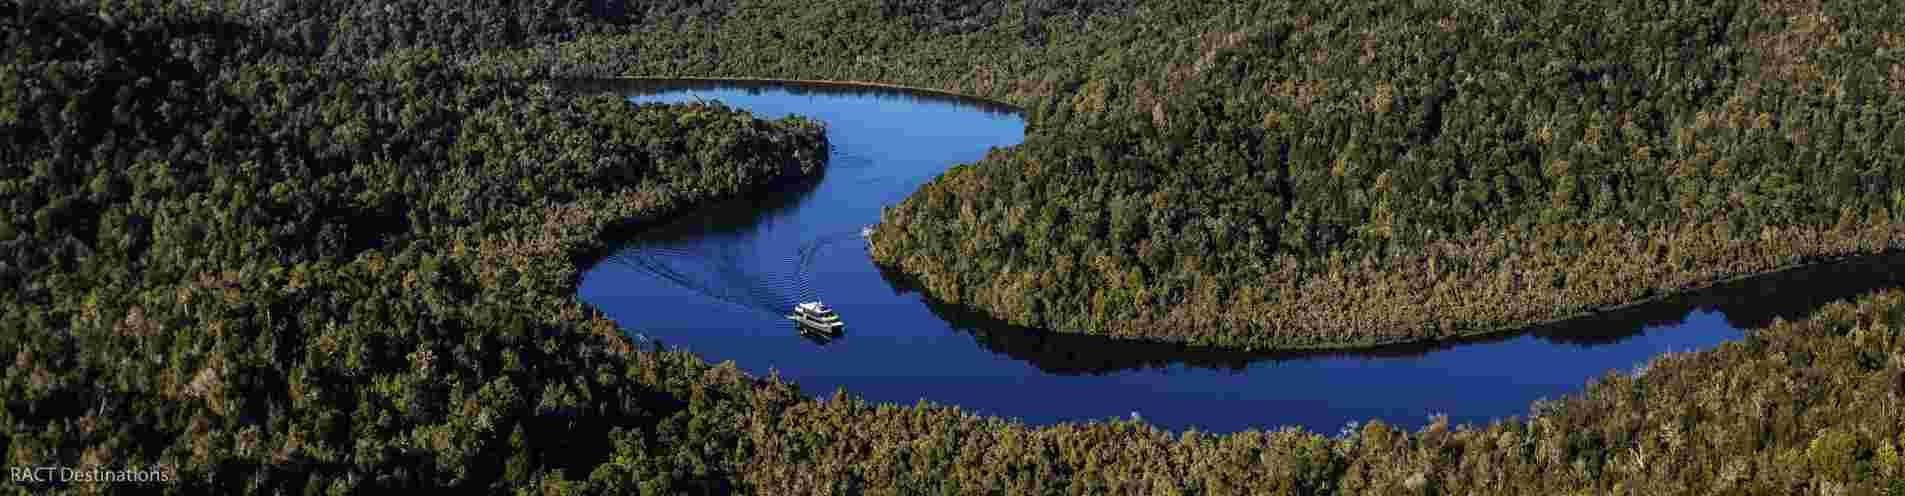 Northern Tasmania header image